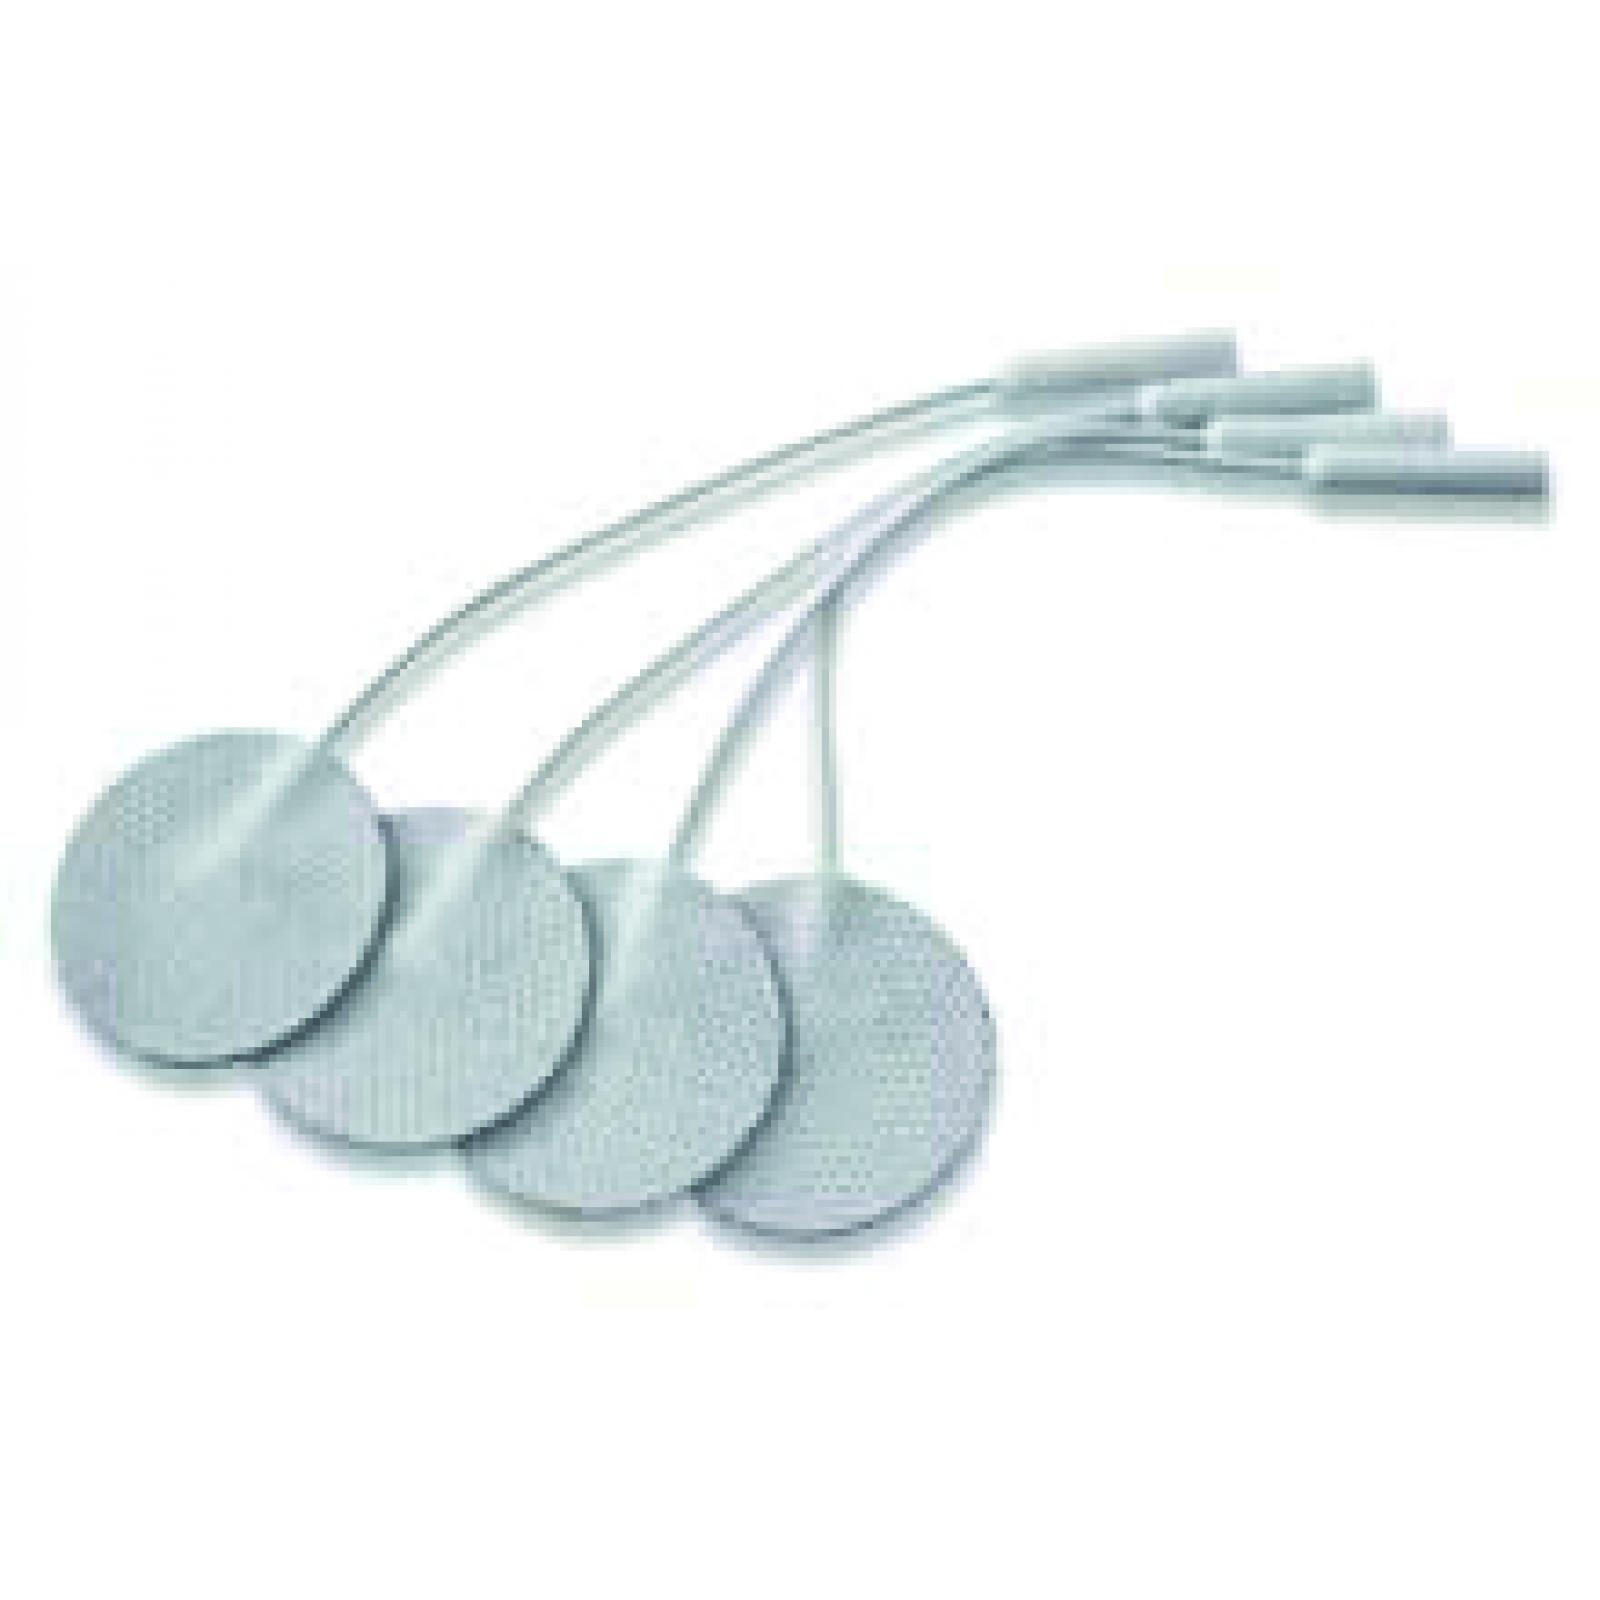 Hofmann Runde Elektroden für TENS- und EMS-Geräte ∅ 32 mm 89262